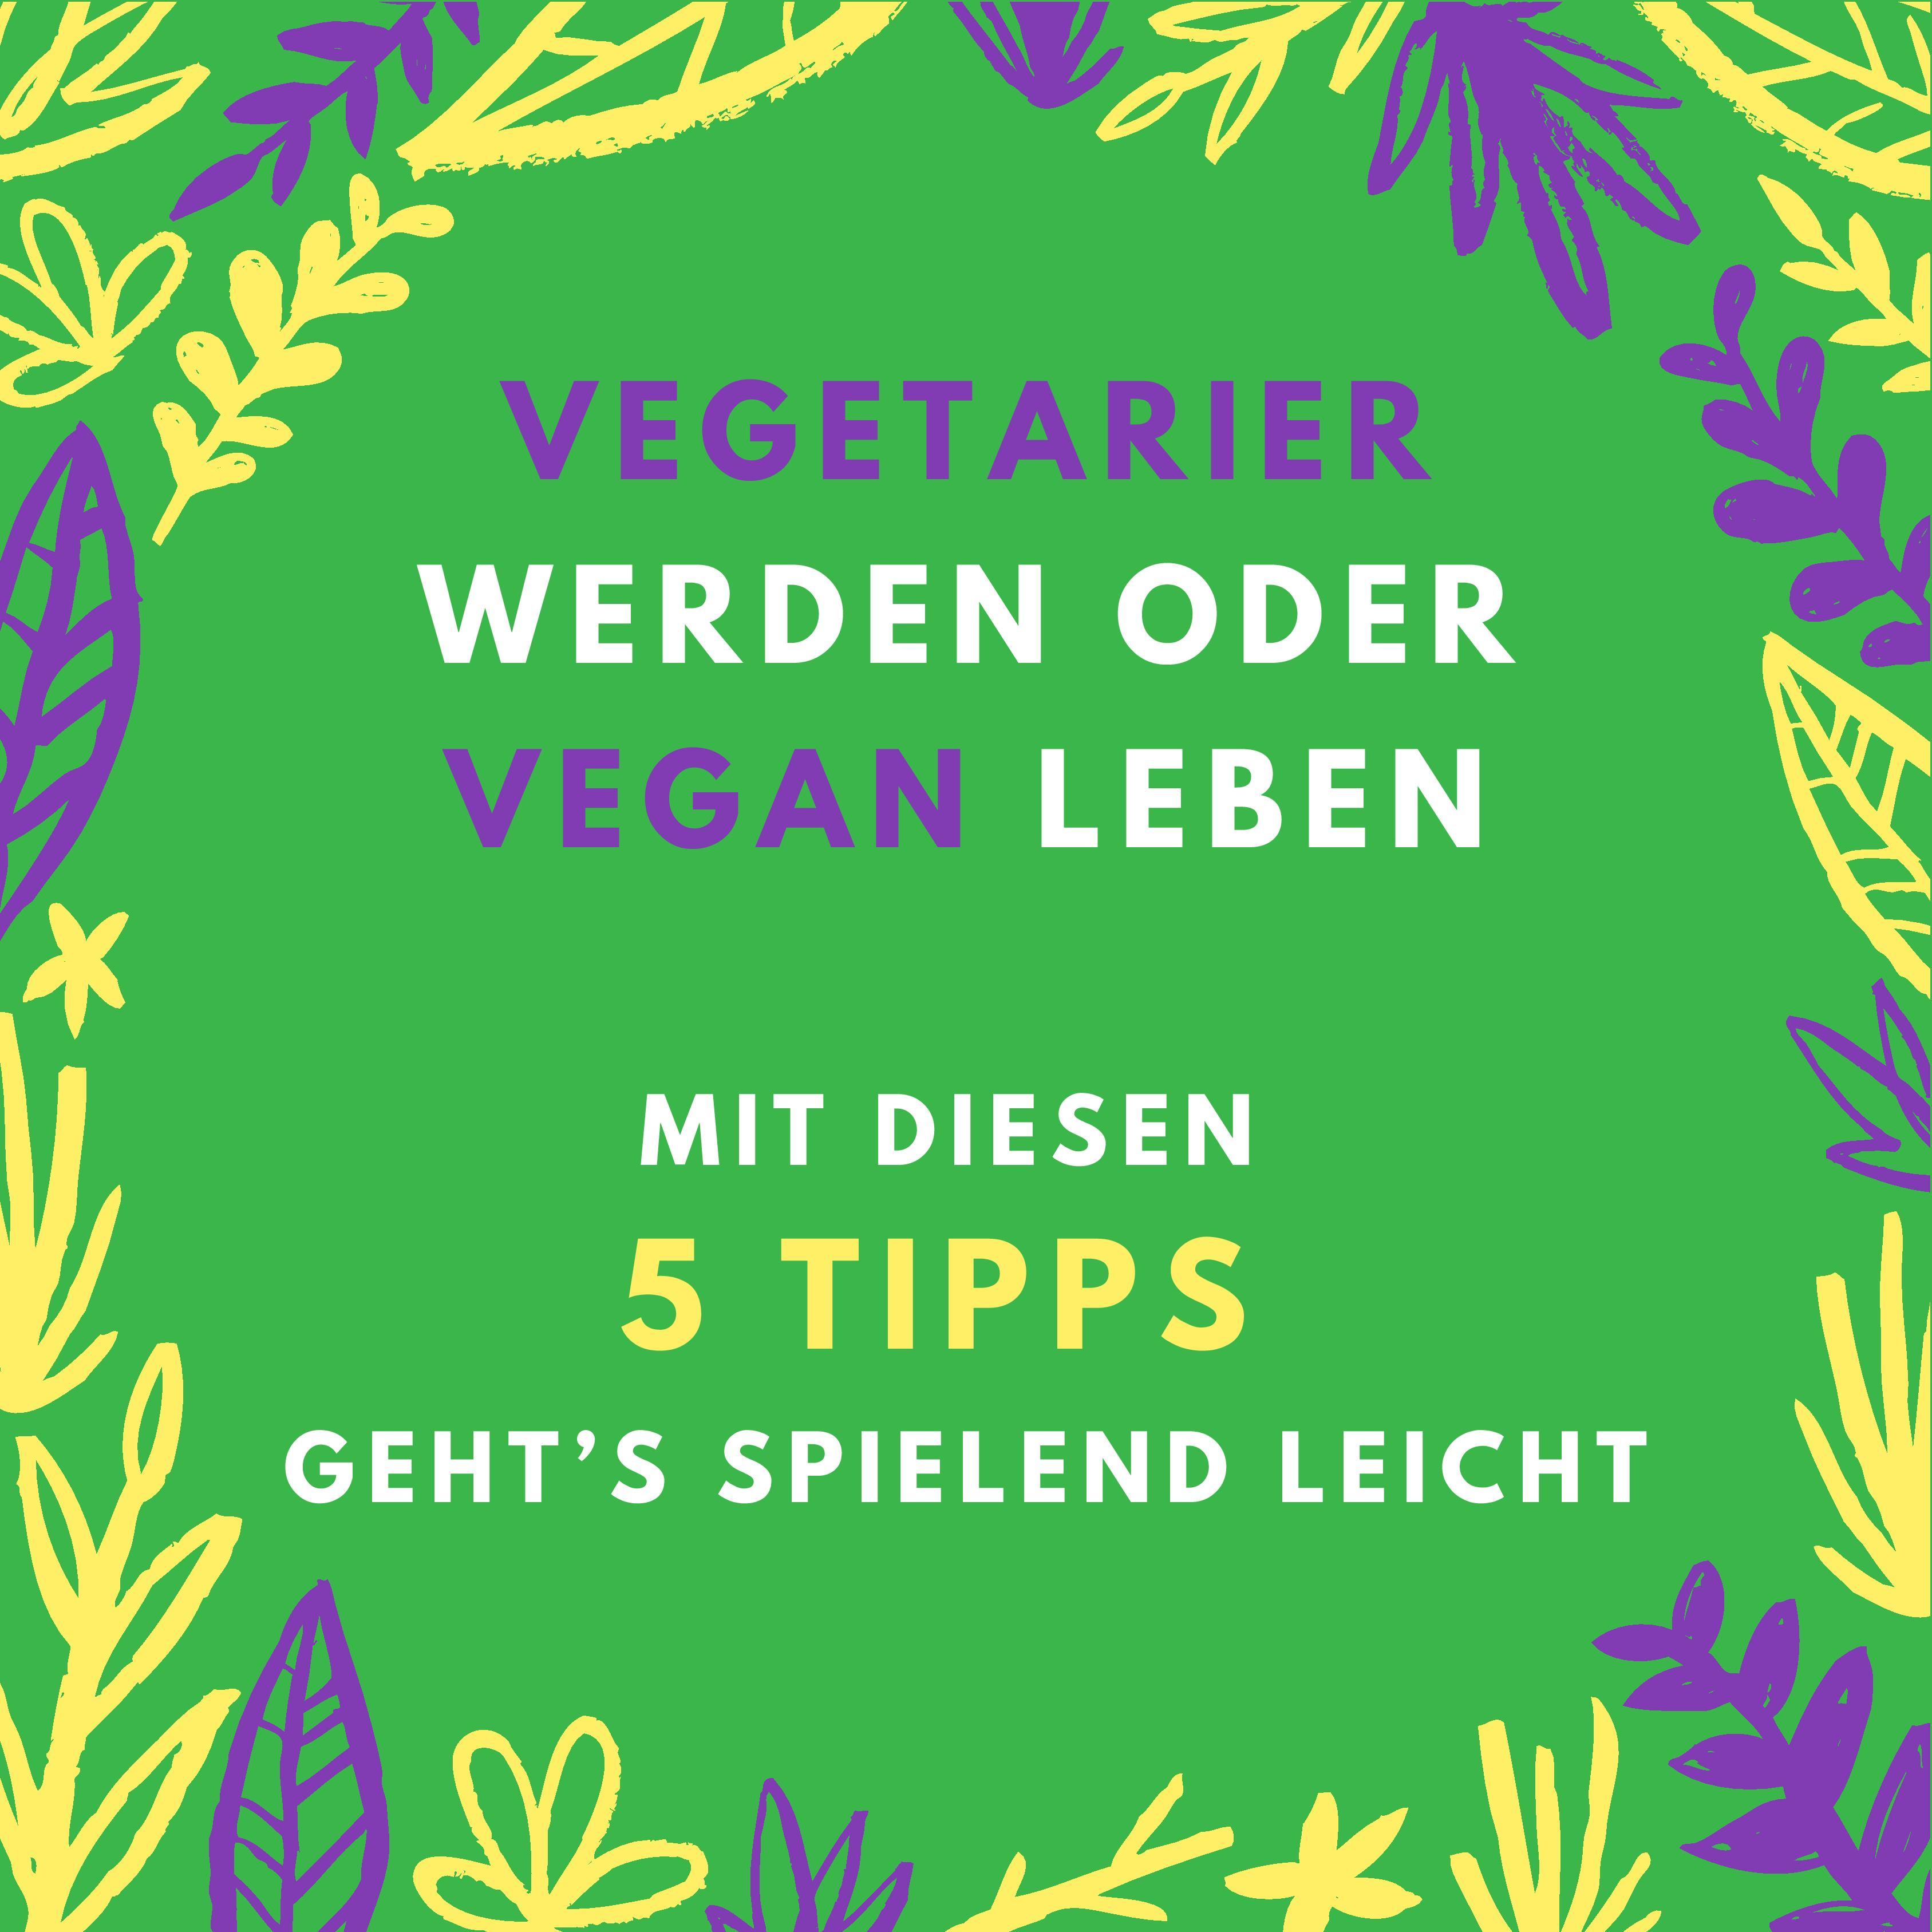 Vegetarier werden-vegan leben-5-Tipps-OWAO!